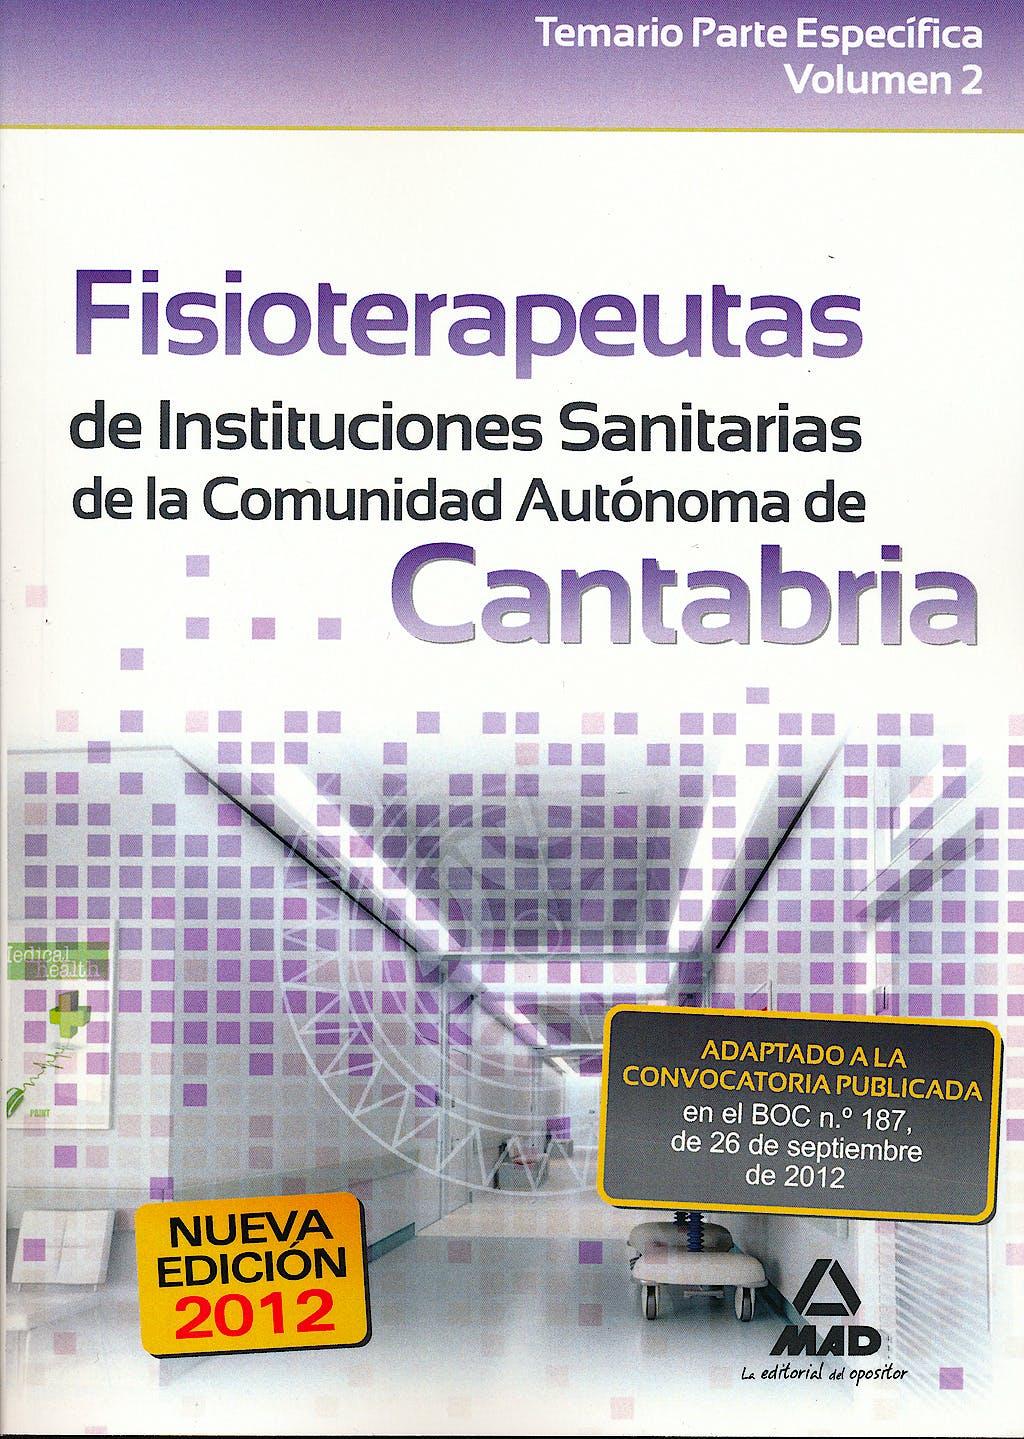 Portada del libro 9788467686906 Fisioterapeutas de Instituciones Sanitarias de la Comunidad Autonoma de Cantabria. Temario Parte Especifica, Vol. II